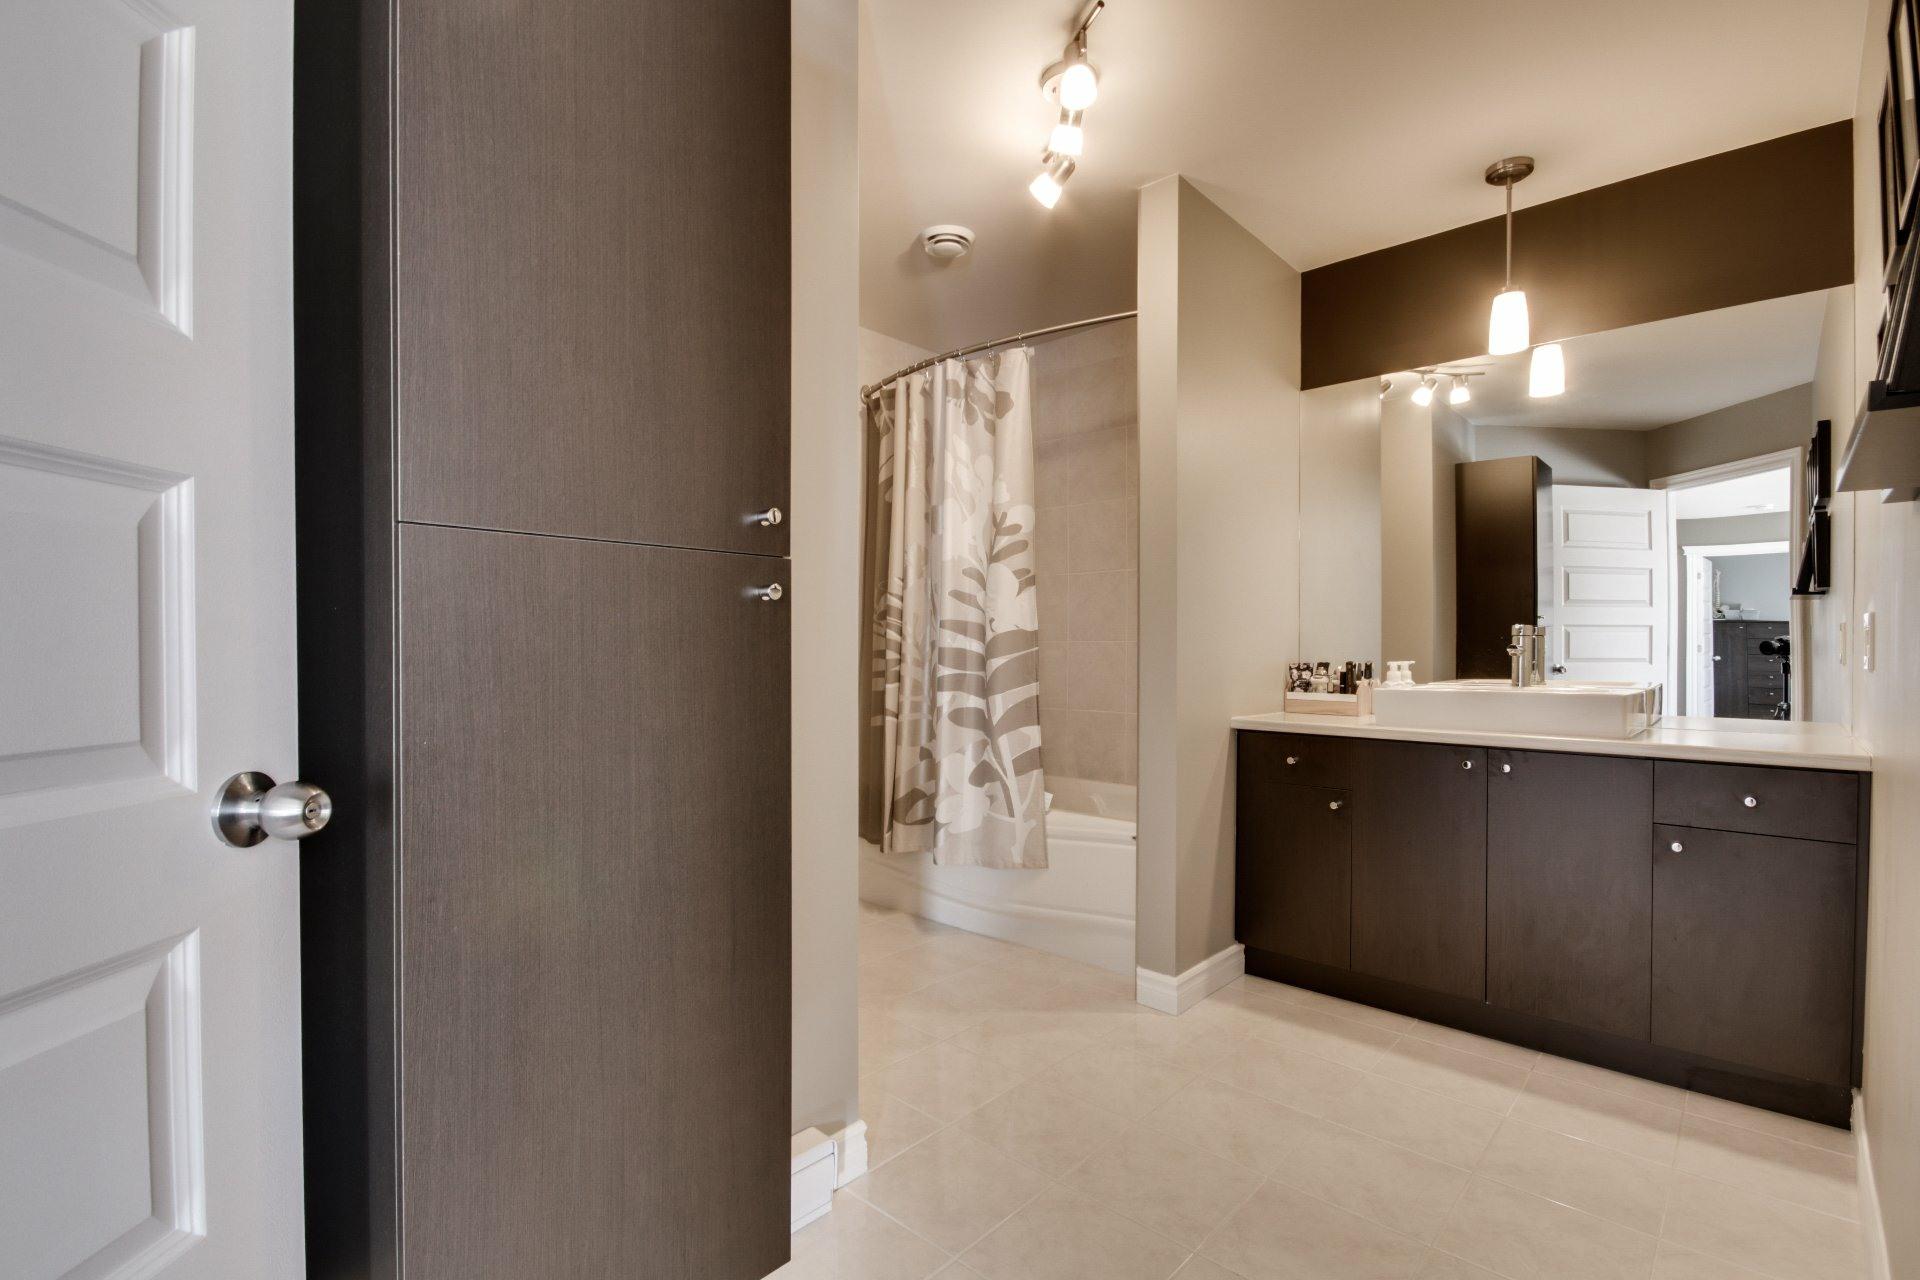 image 20 - Apartment For sale Trois-Rivières - 6 rooms